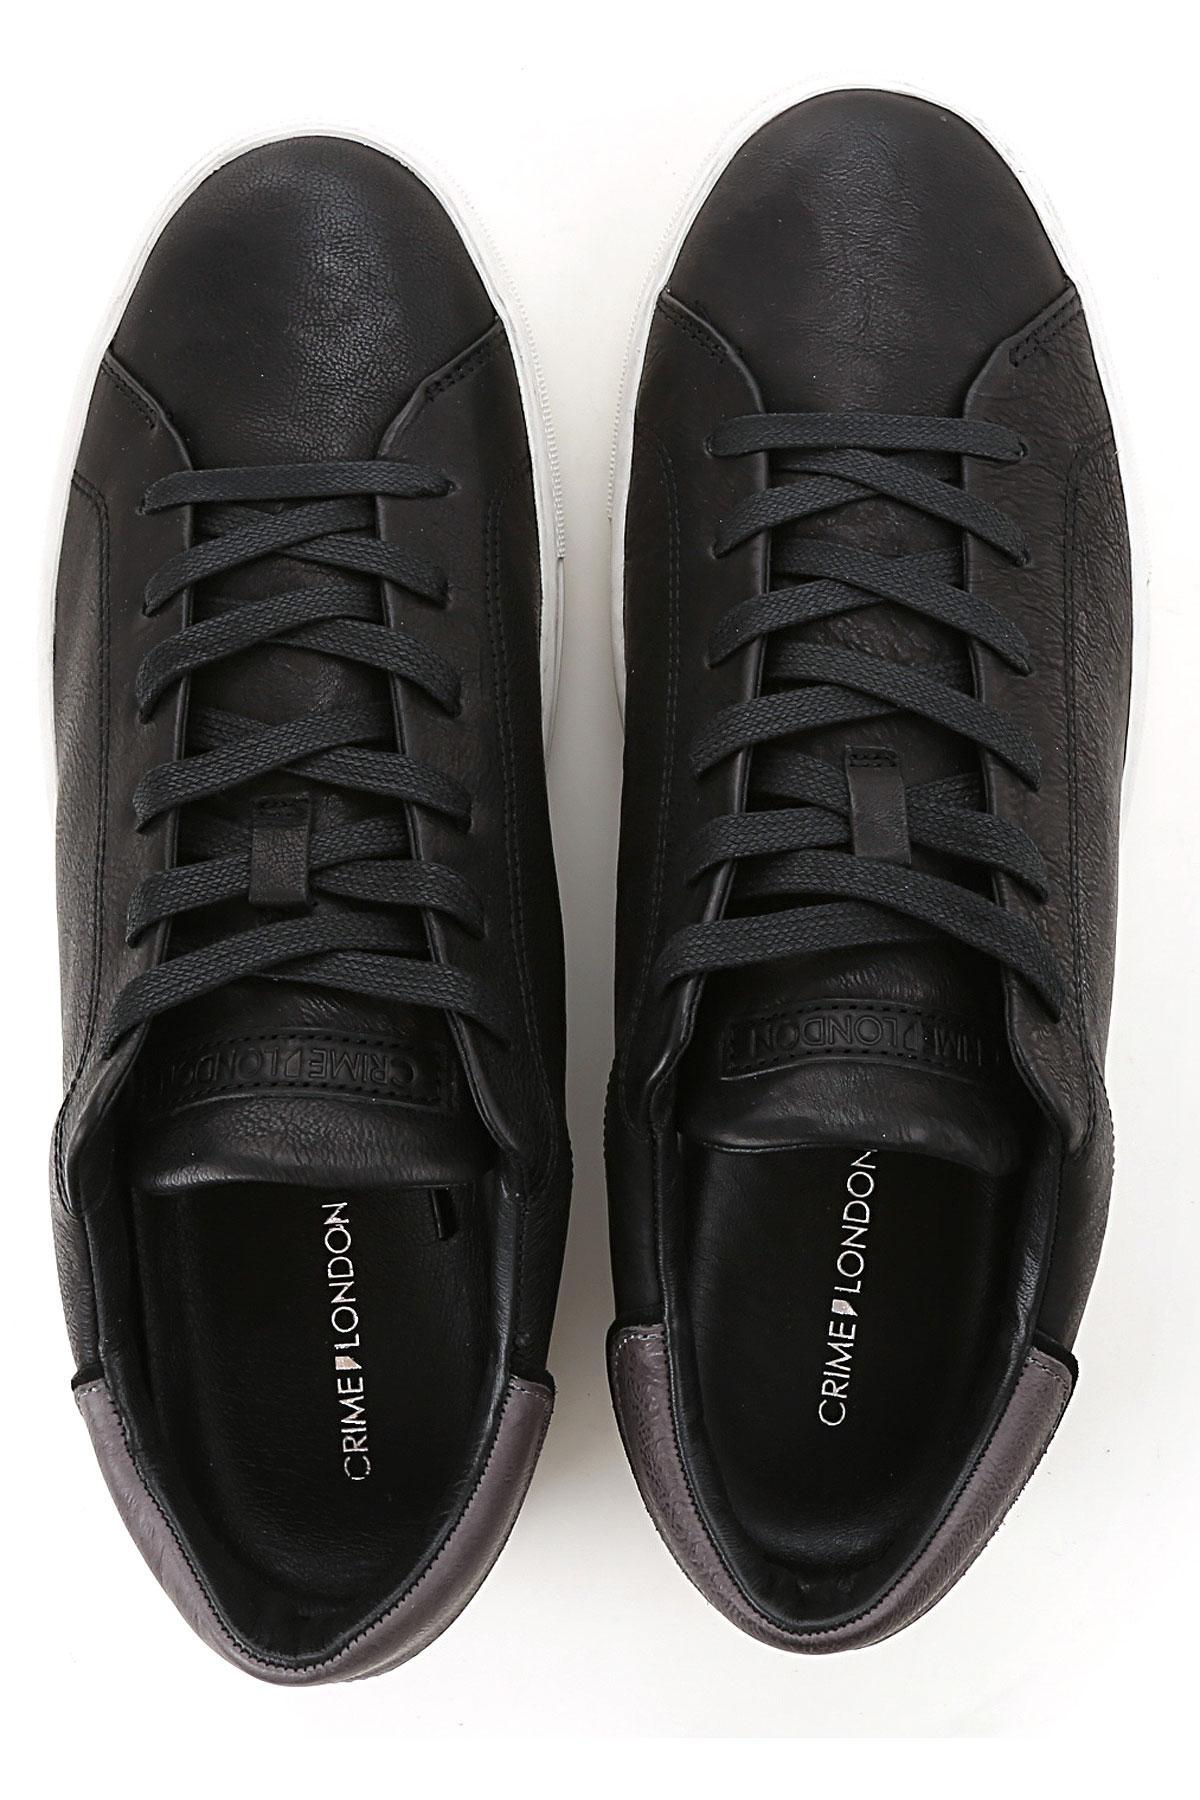 Zapatillas Deportivas de Hombre Crime de hombre de color Negro